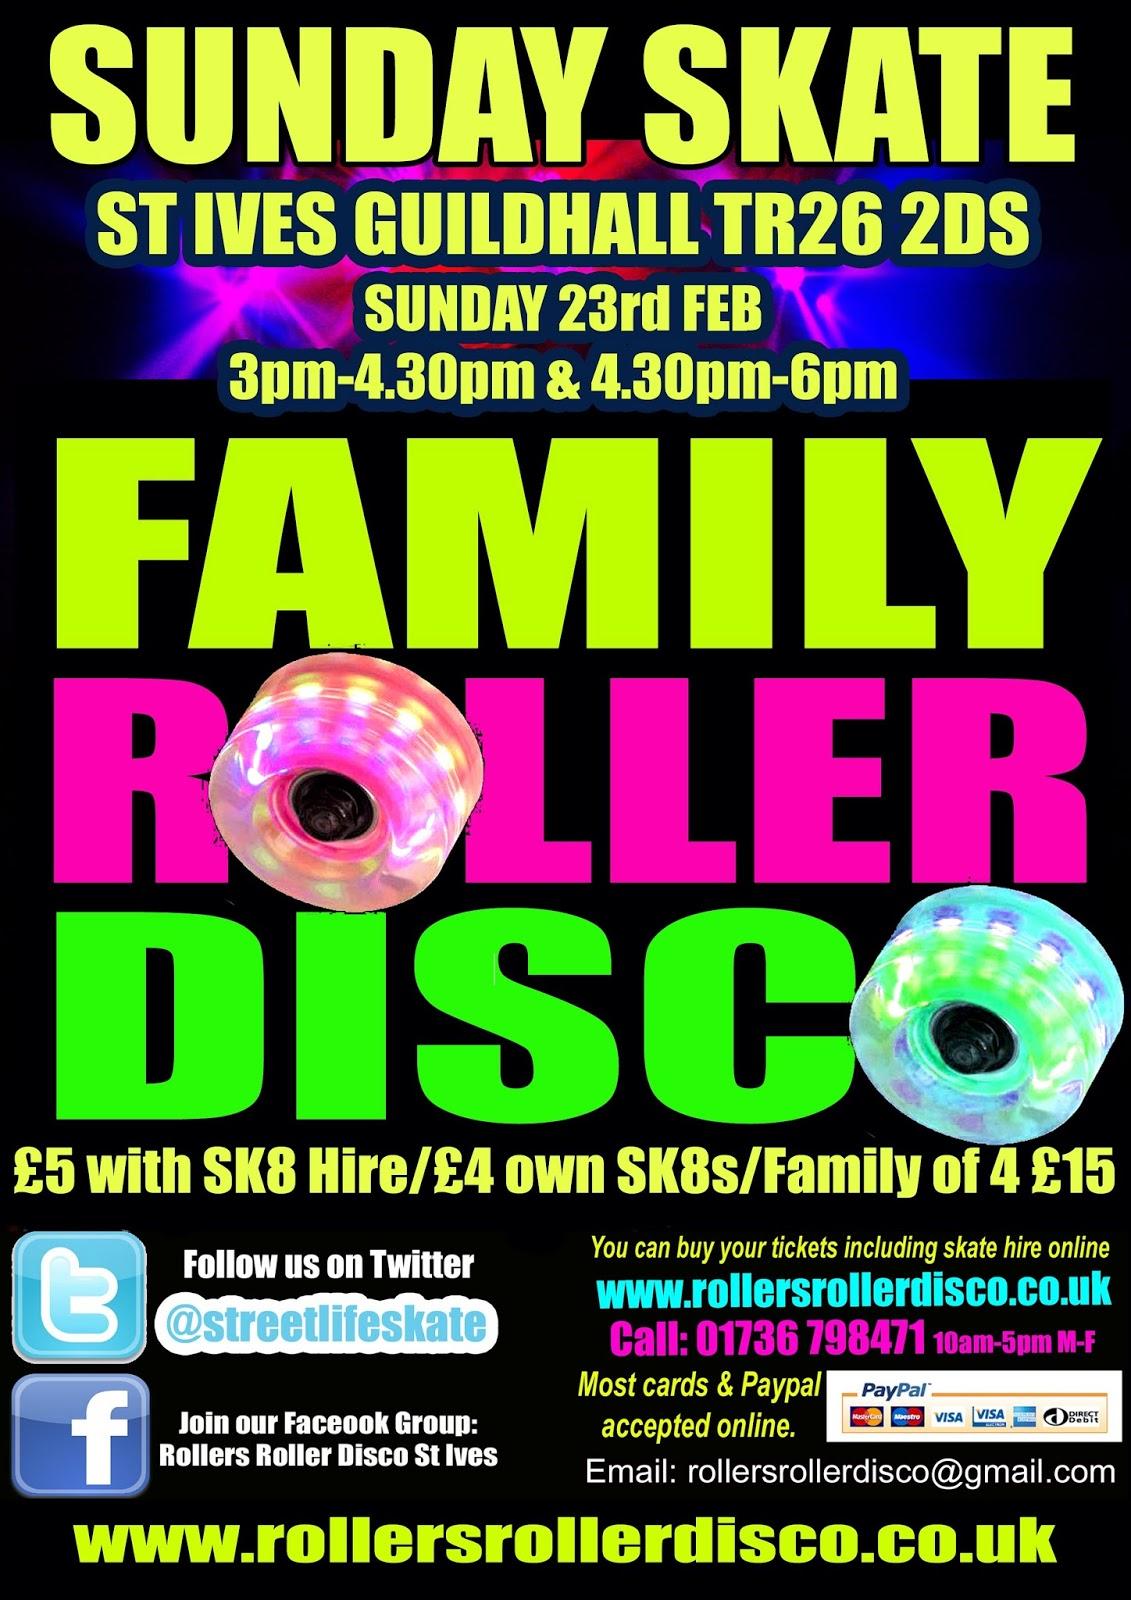 http://www.rollersrollerdisco.co.uk/